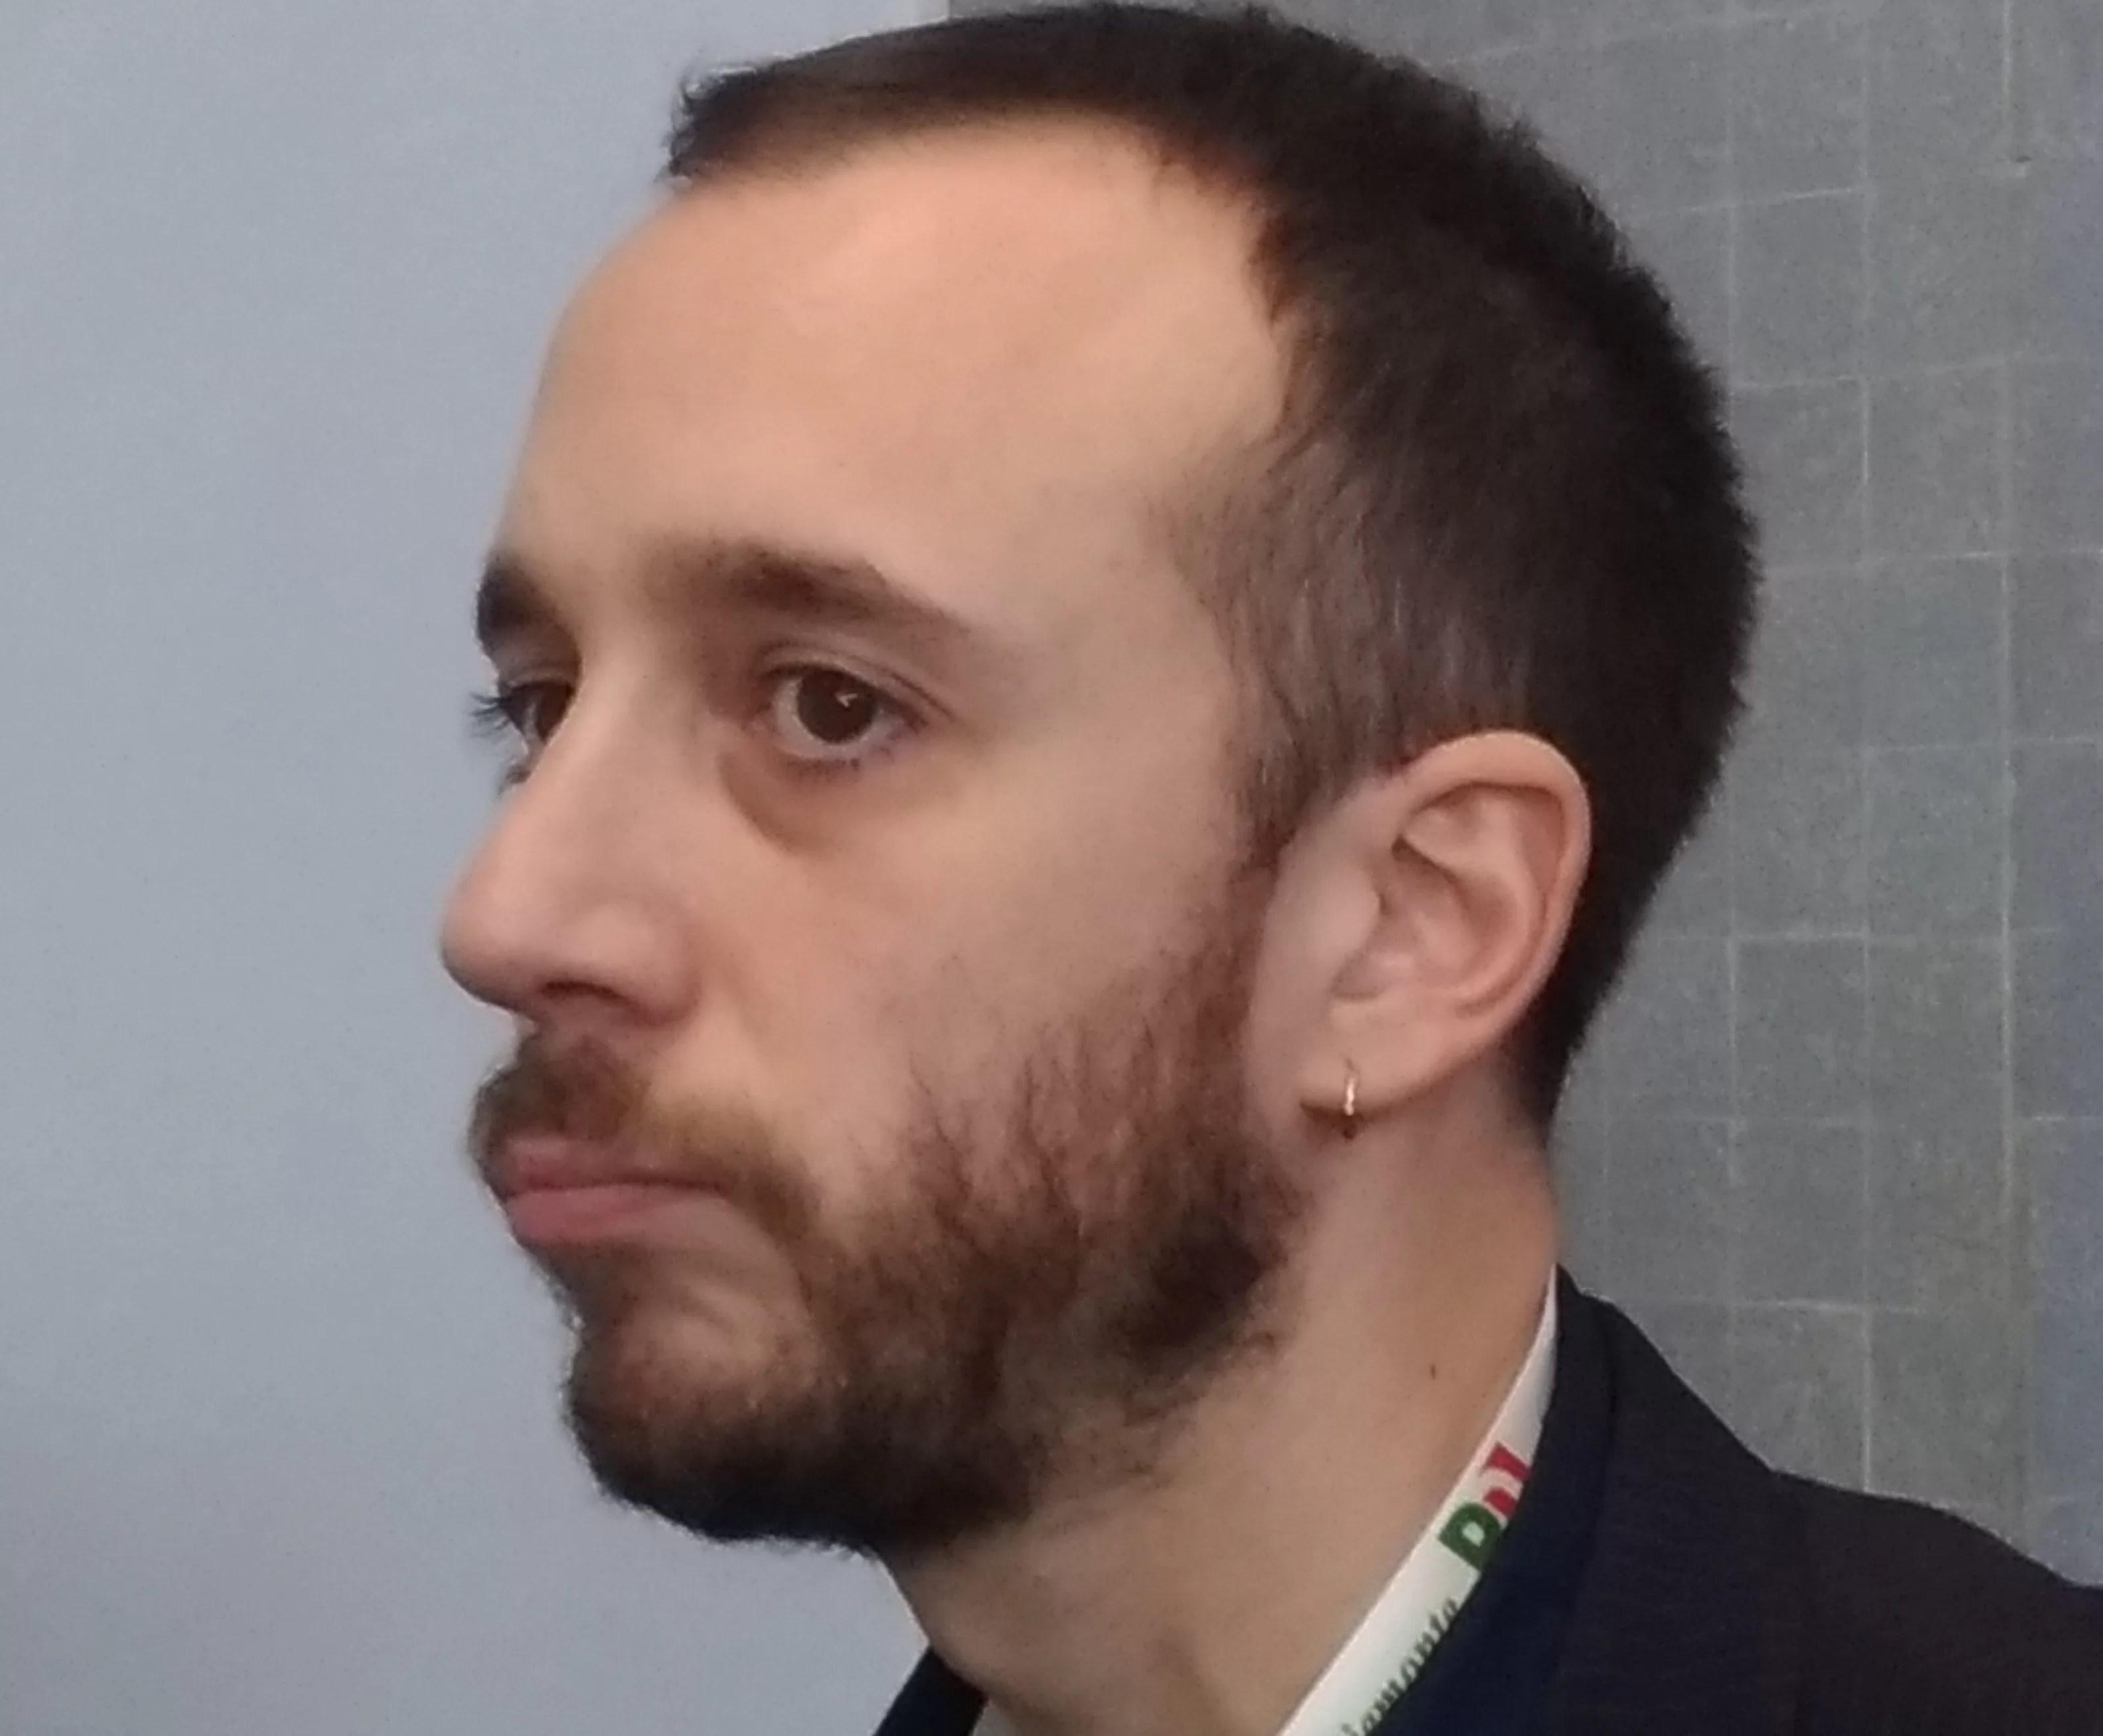 Paolo Furia, il segretario con l'orecchino